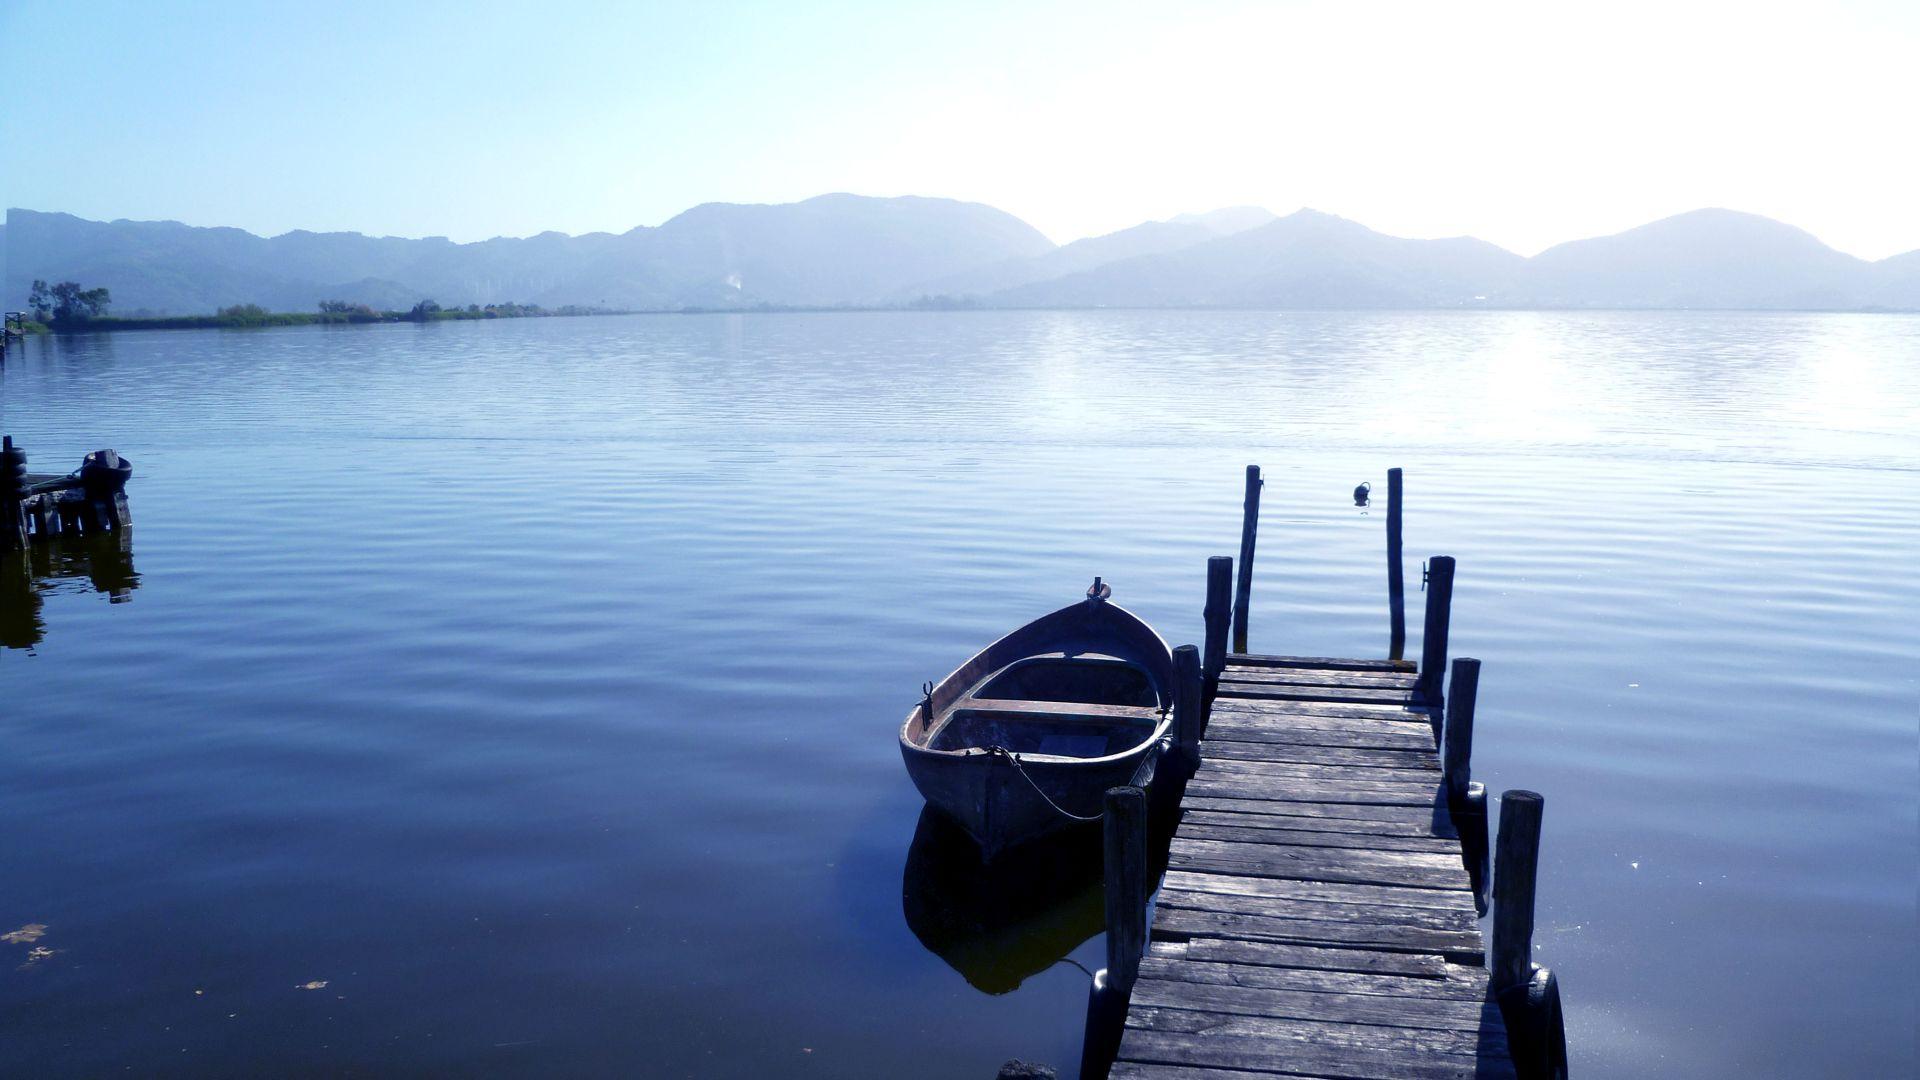 molo sul lago di Massacciuccoli